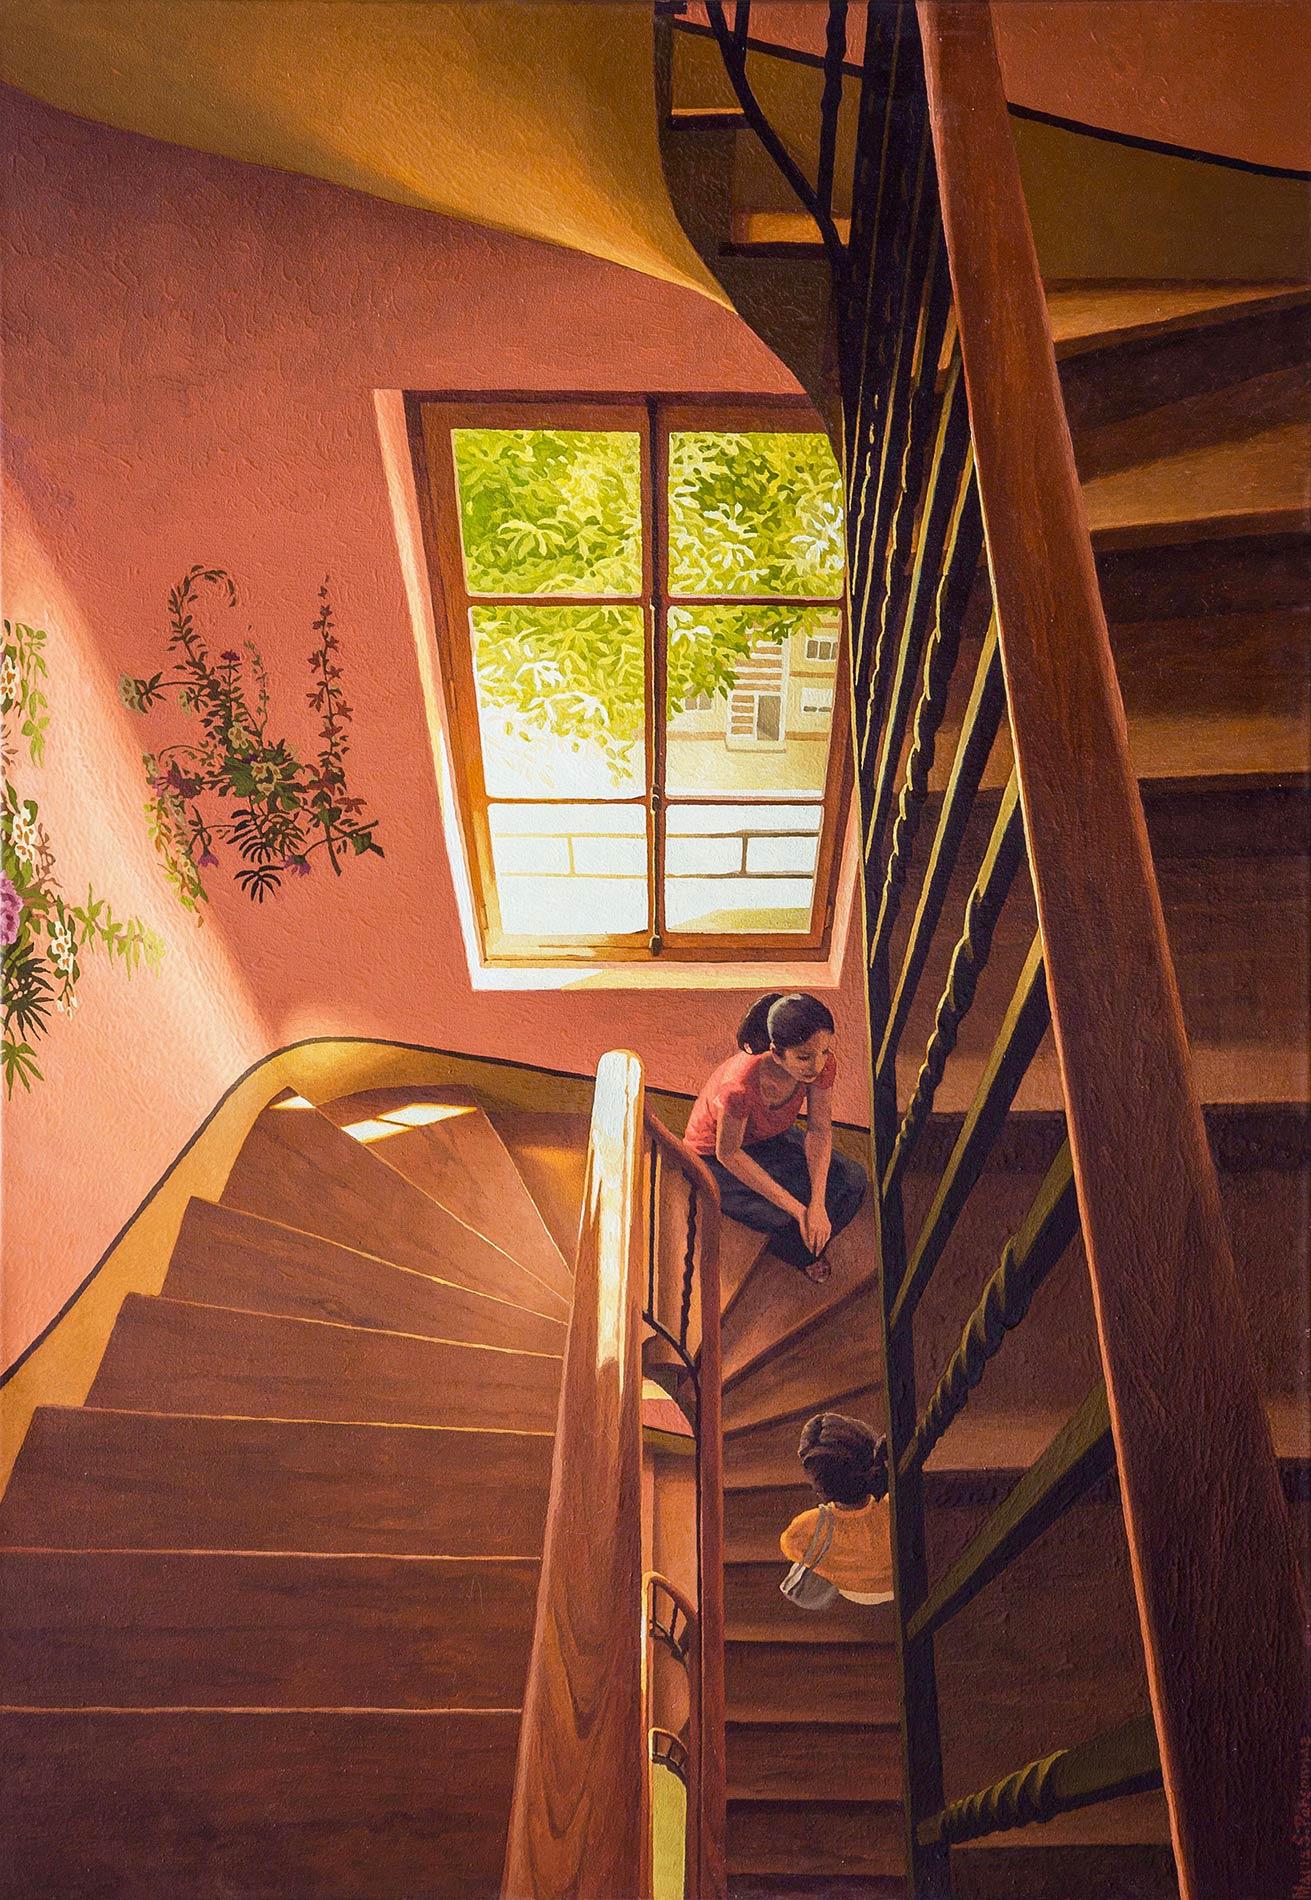 Cage d'escalier avec fresques de fleurs